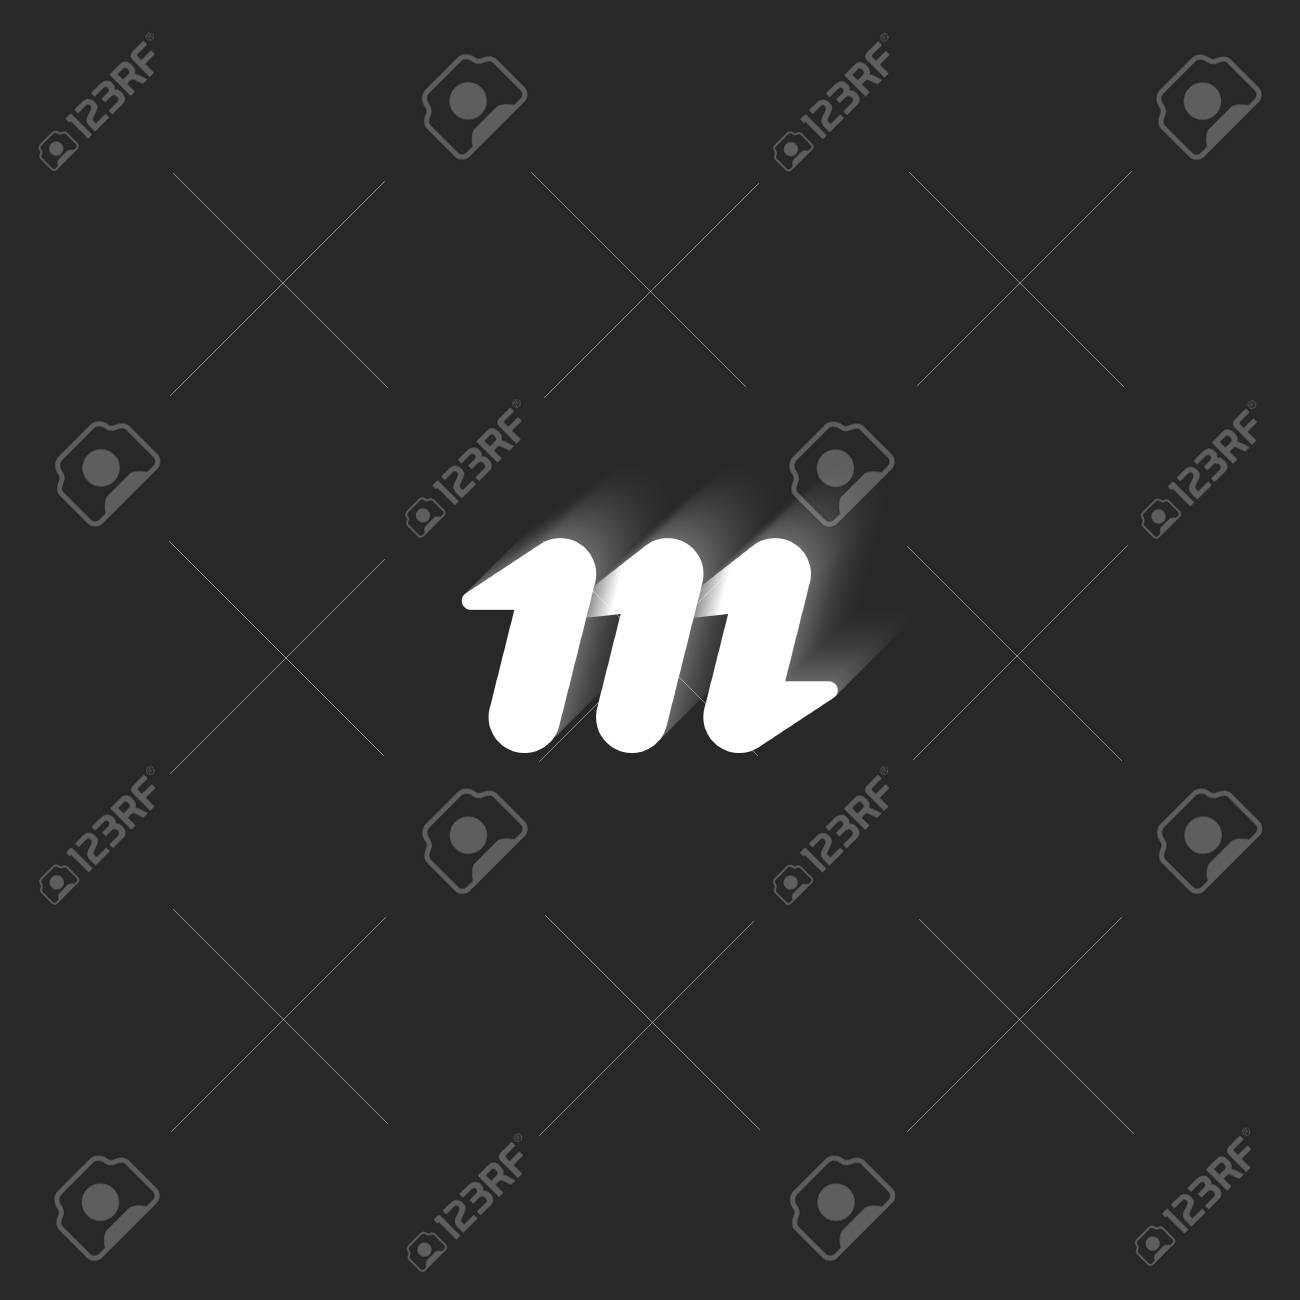 Element De Design Graphique Noir Et Blanc Style Lignes Epurees Forme Geometrique Avec Des Ombres Symbole Simple Petite Identite Pour Embleme Carte